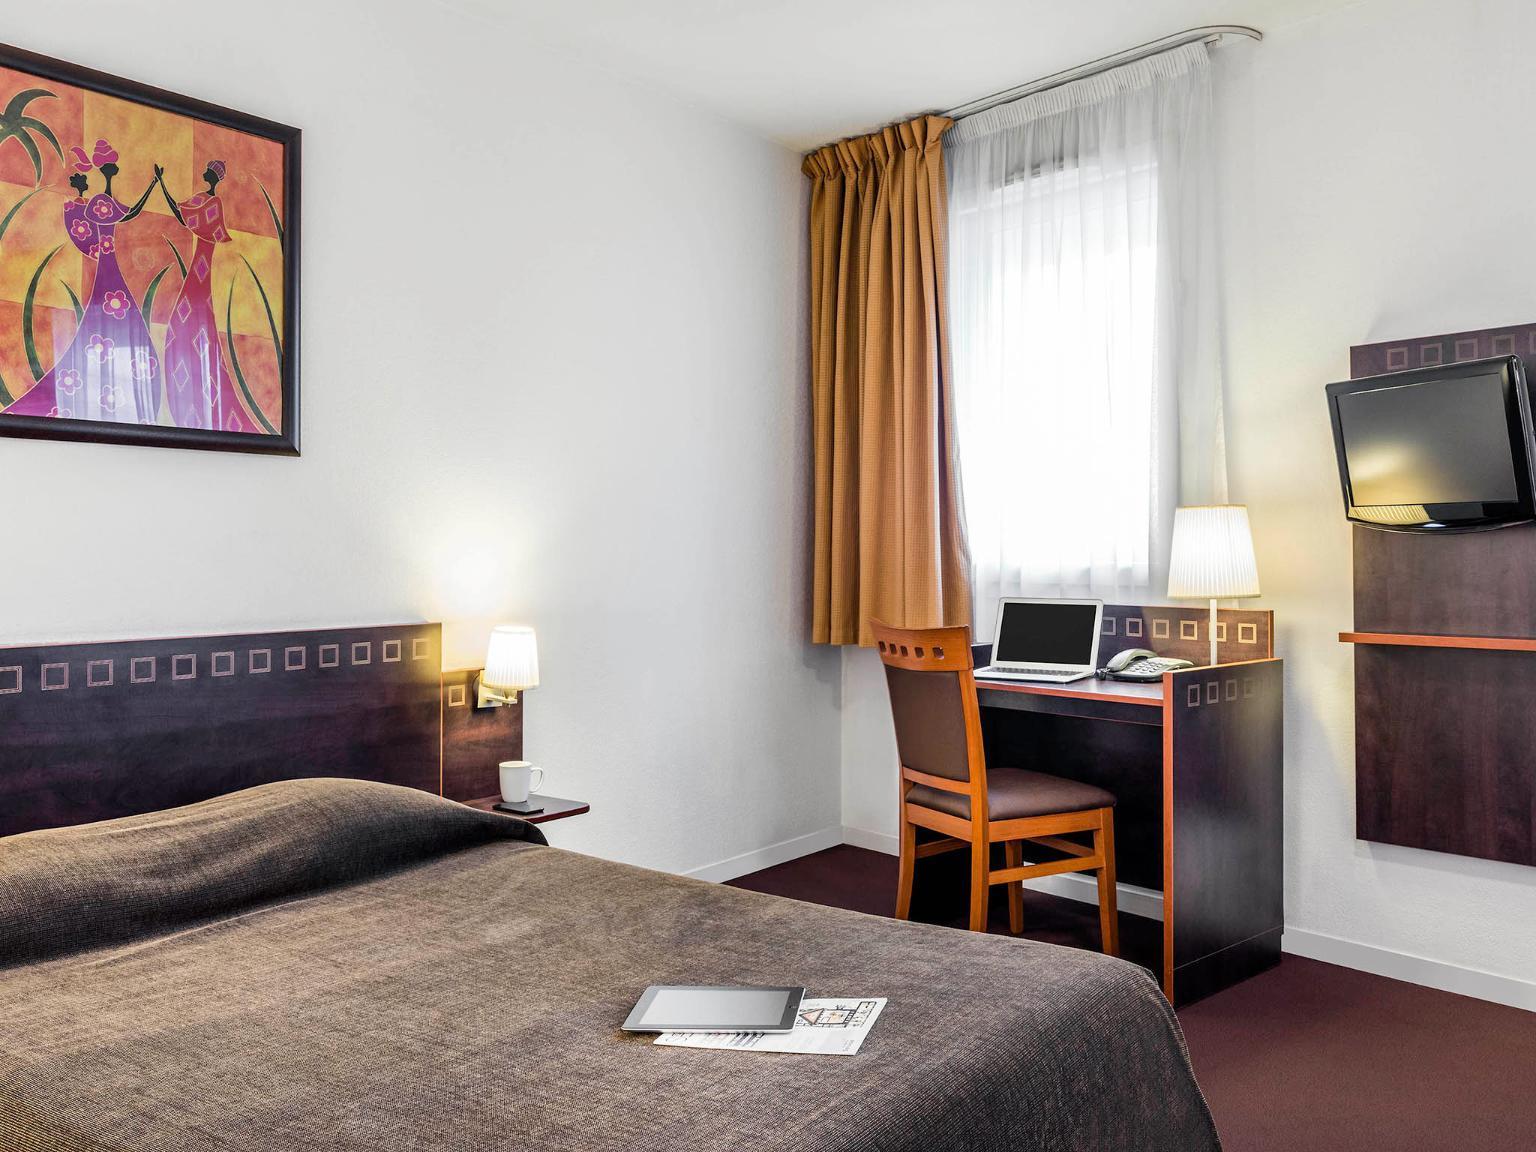 Aparthotel adagio access paris porte de charenton h tel - Adagio access paris porte de charenton ...